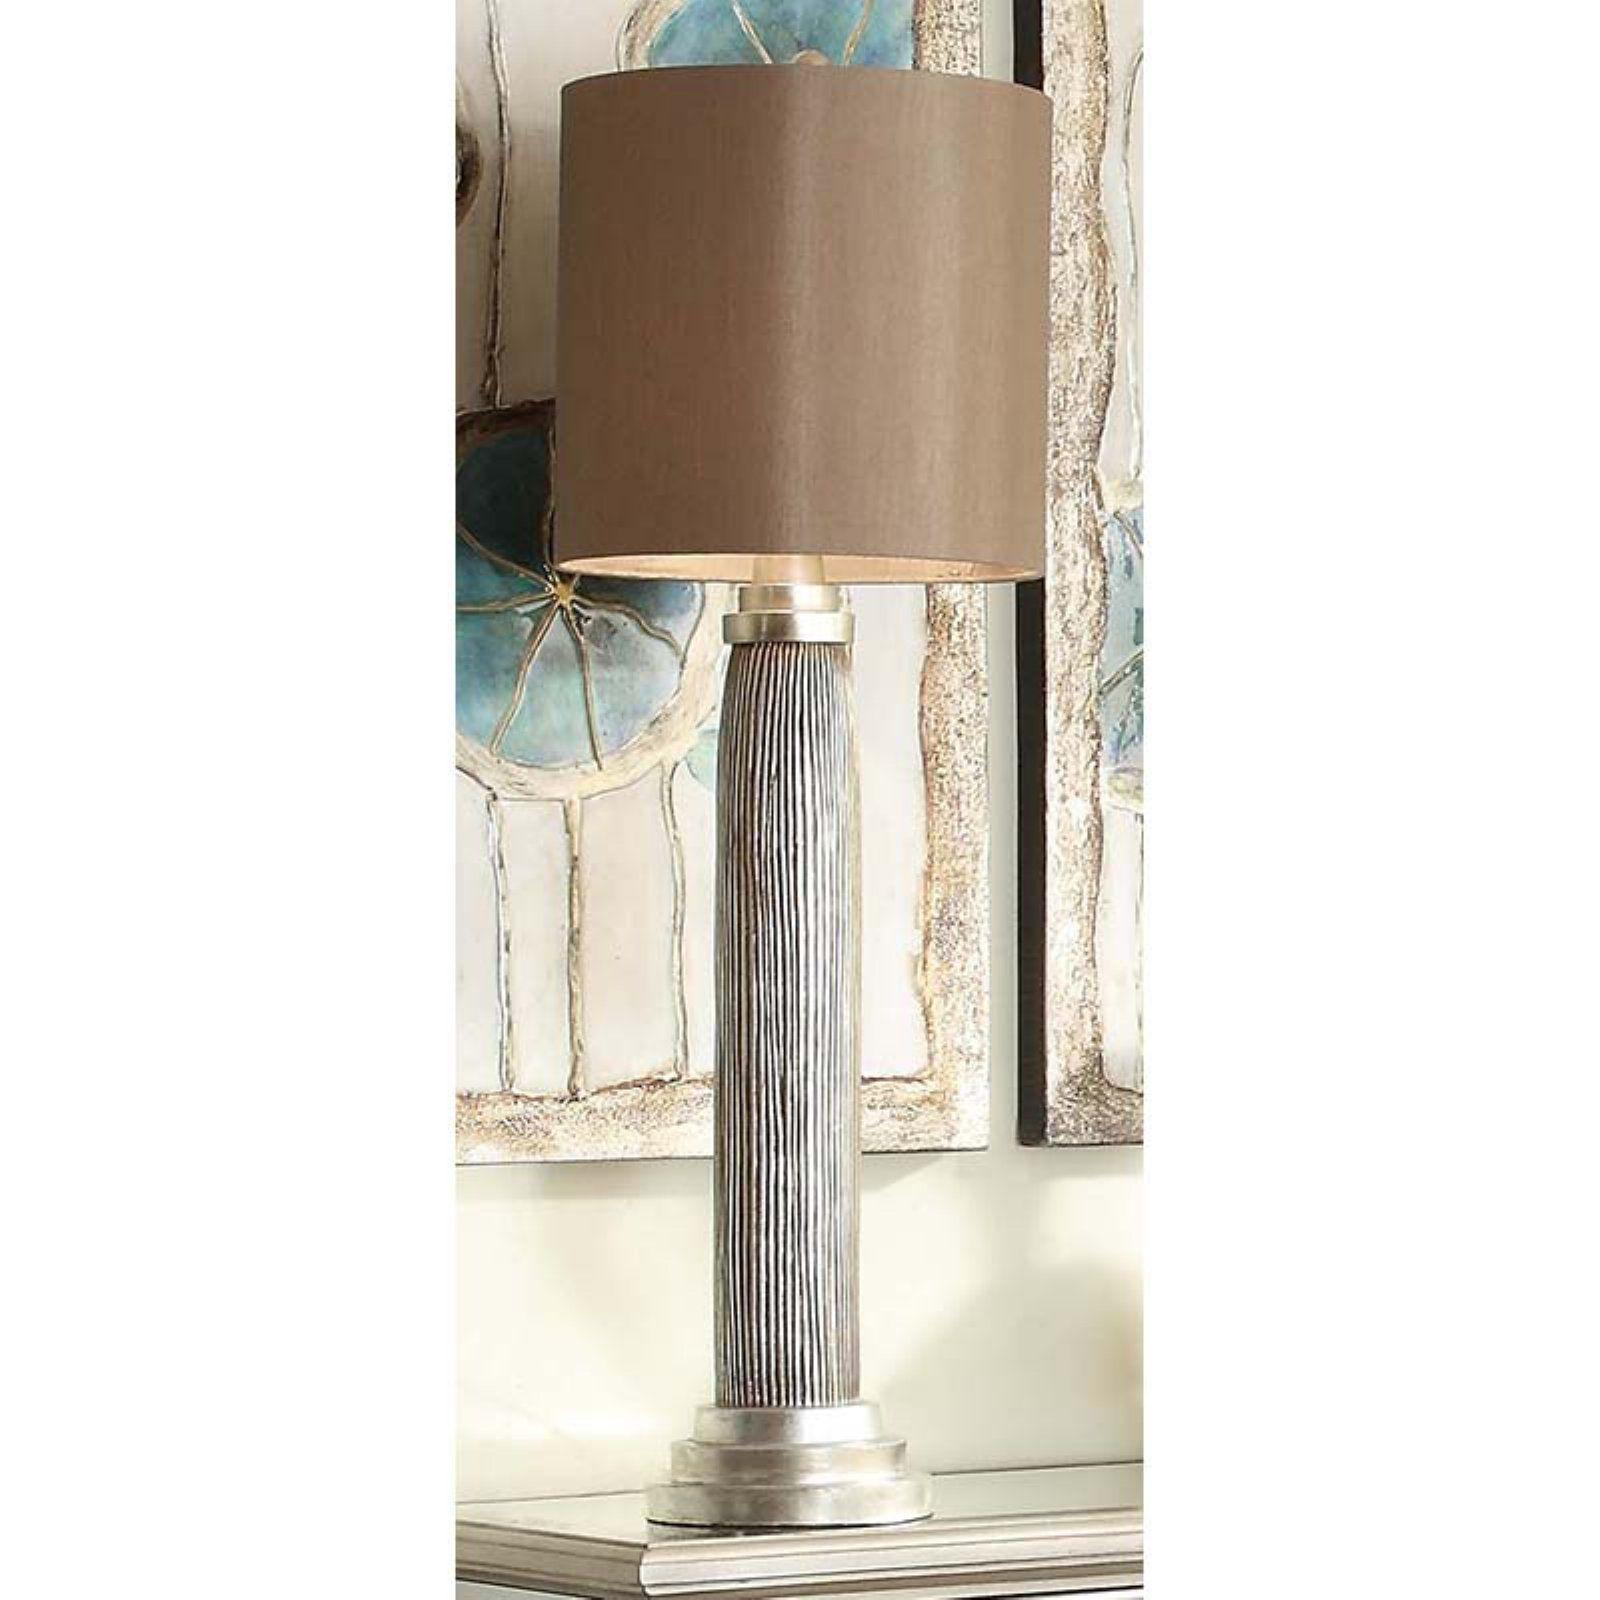 Crestview Collection Casablanca Buffet Lamp Buffet lamps